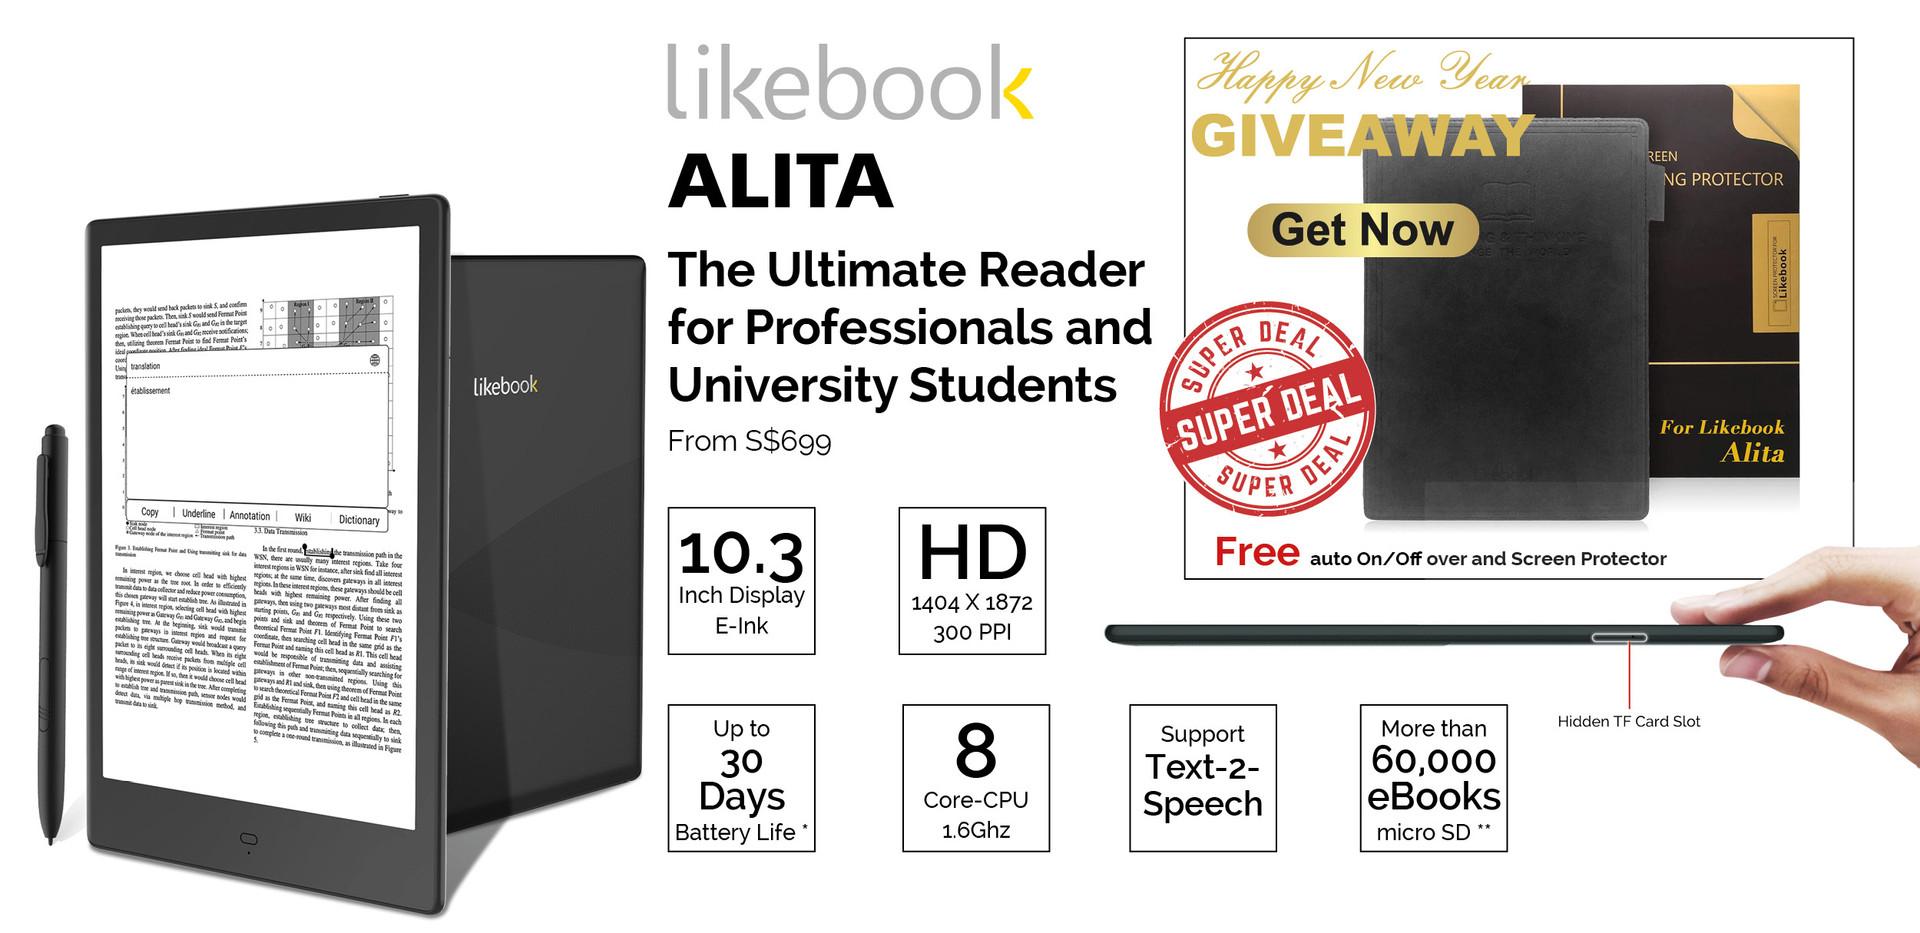 Likebook ALITA